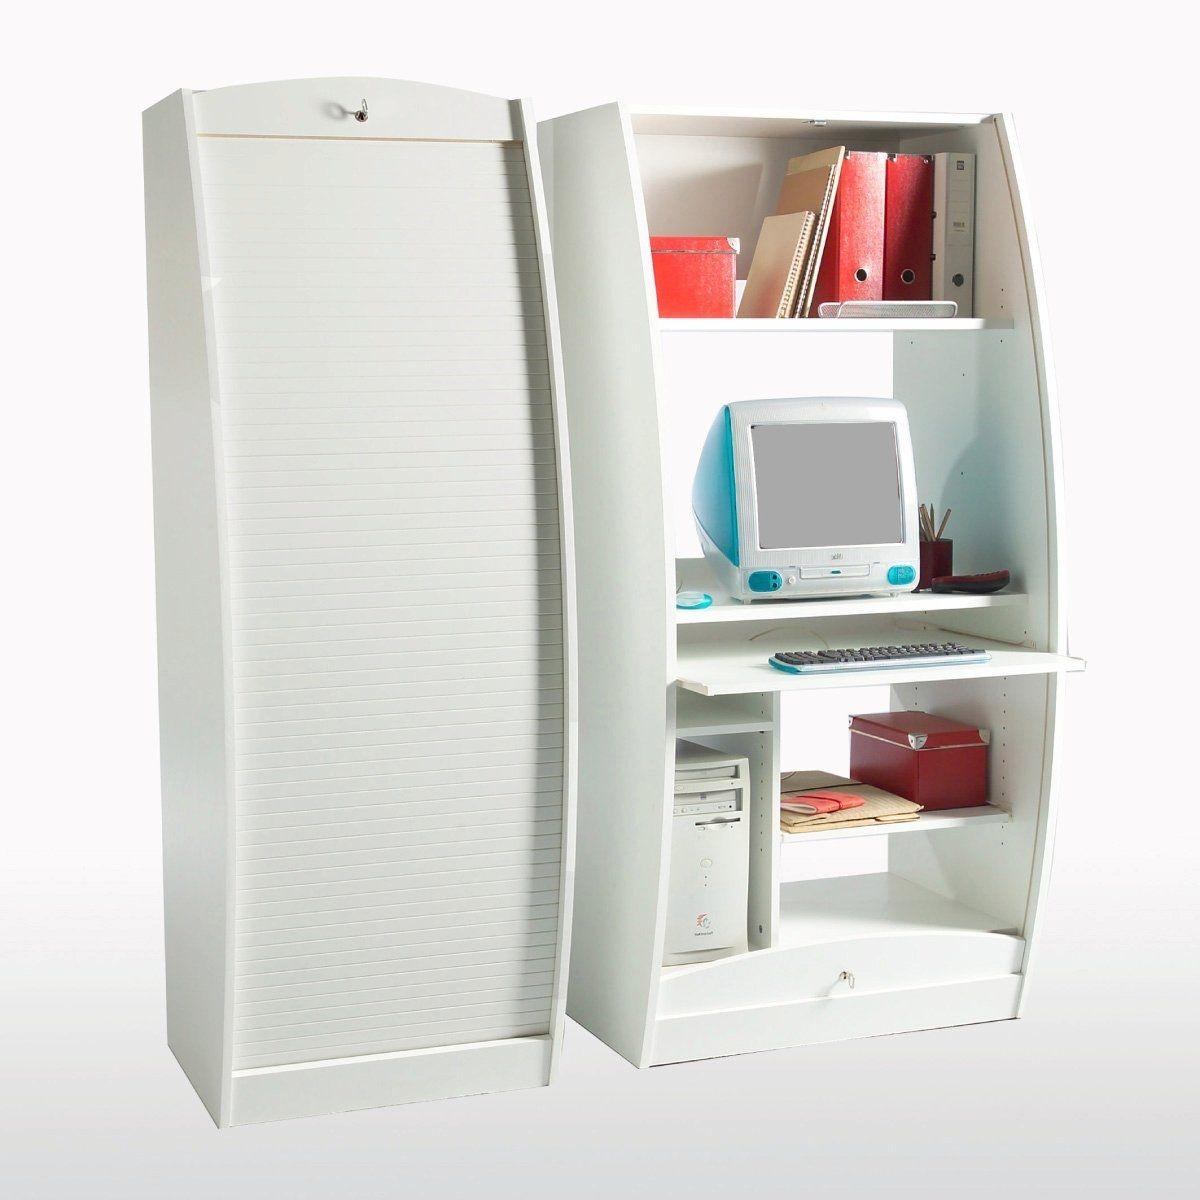 armoire informatique offre de nombreux rangements pour scanner cran clavier et imprimante. Black Bedroom Furniture Sets. Home Design Ideas